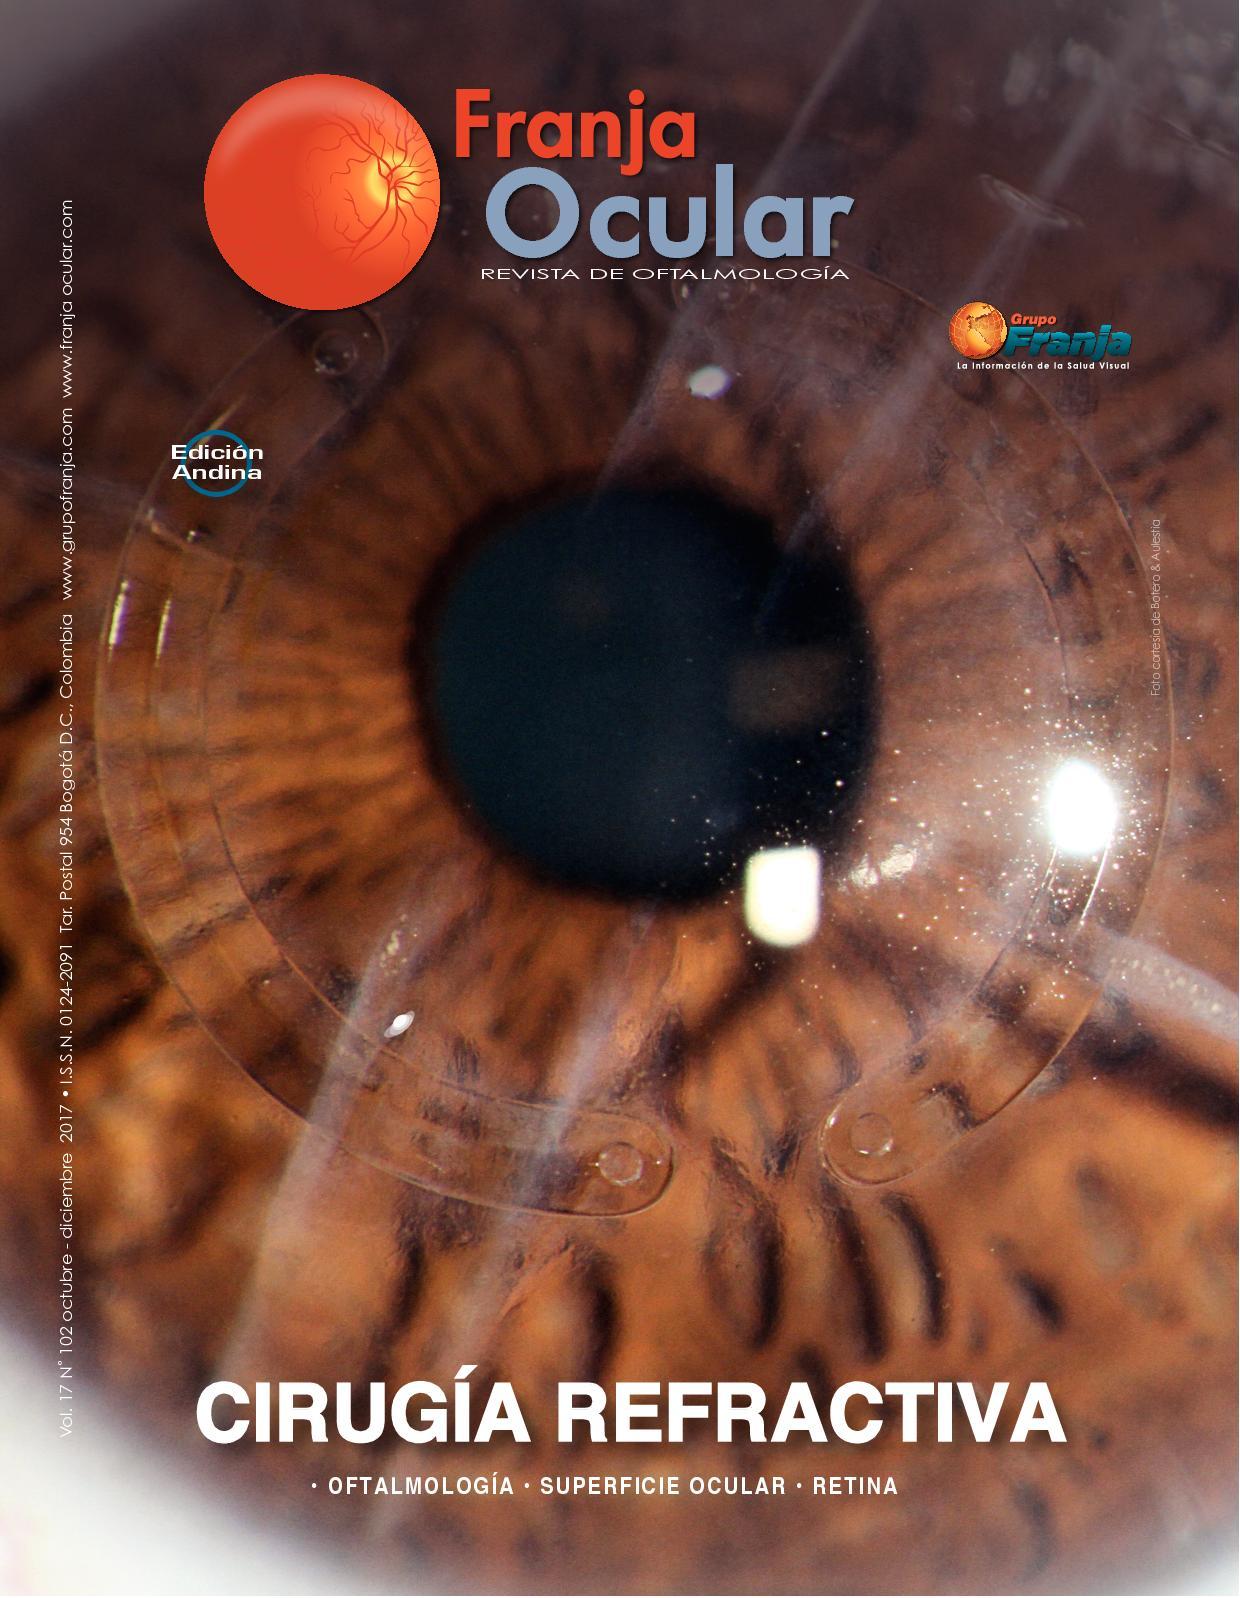 diabetes retiniana para escaneo ocular